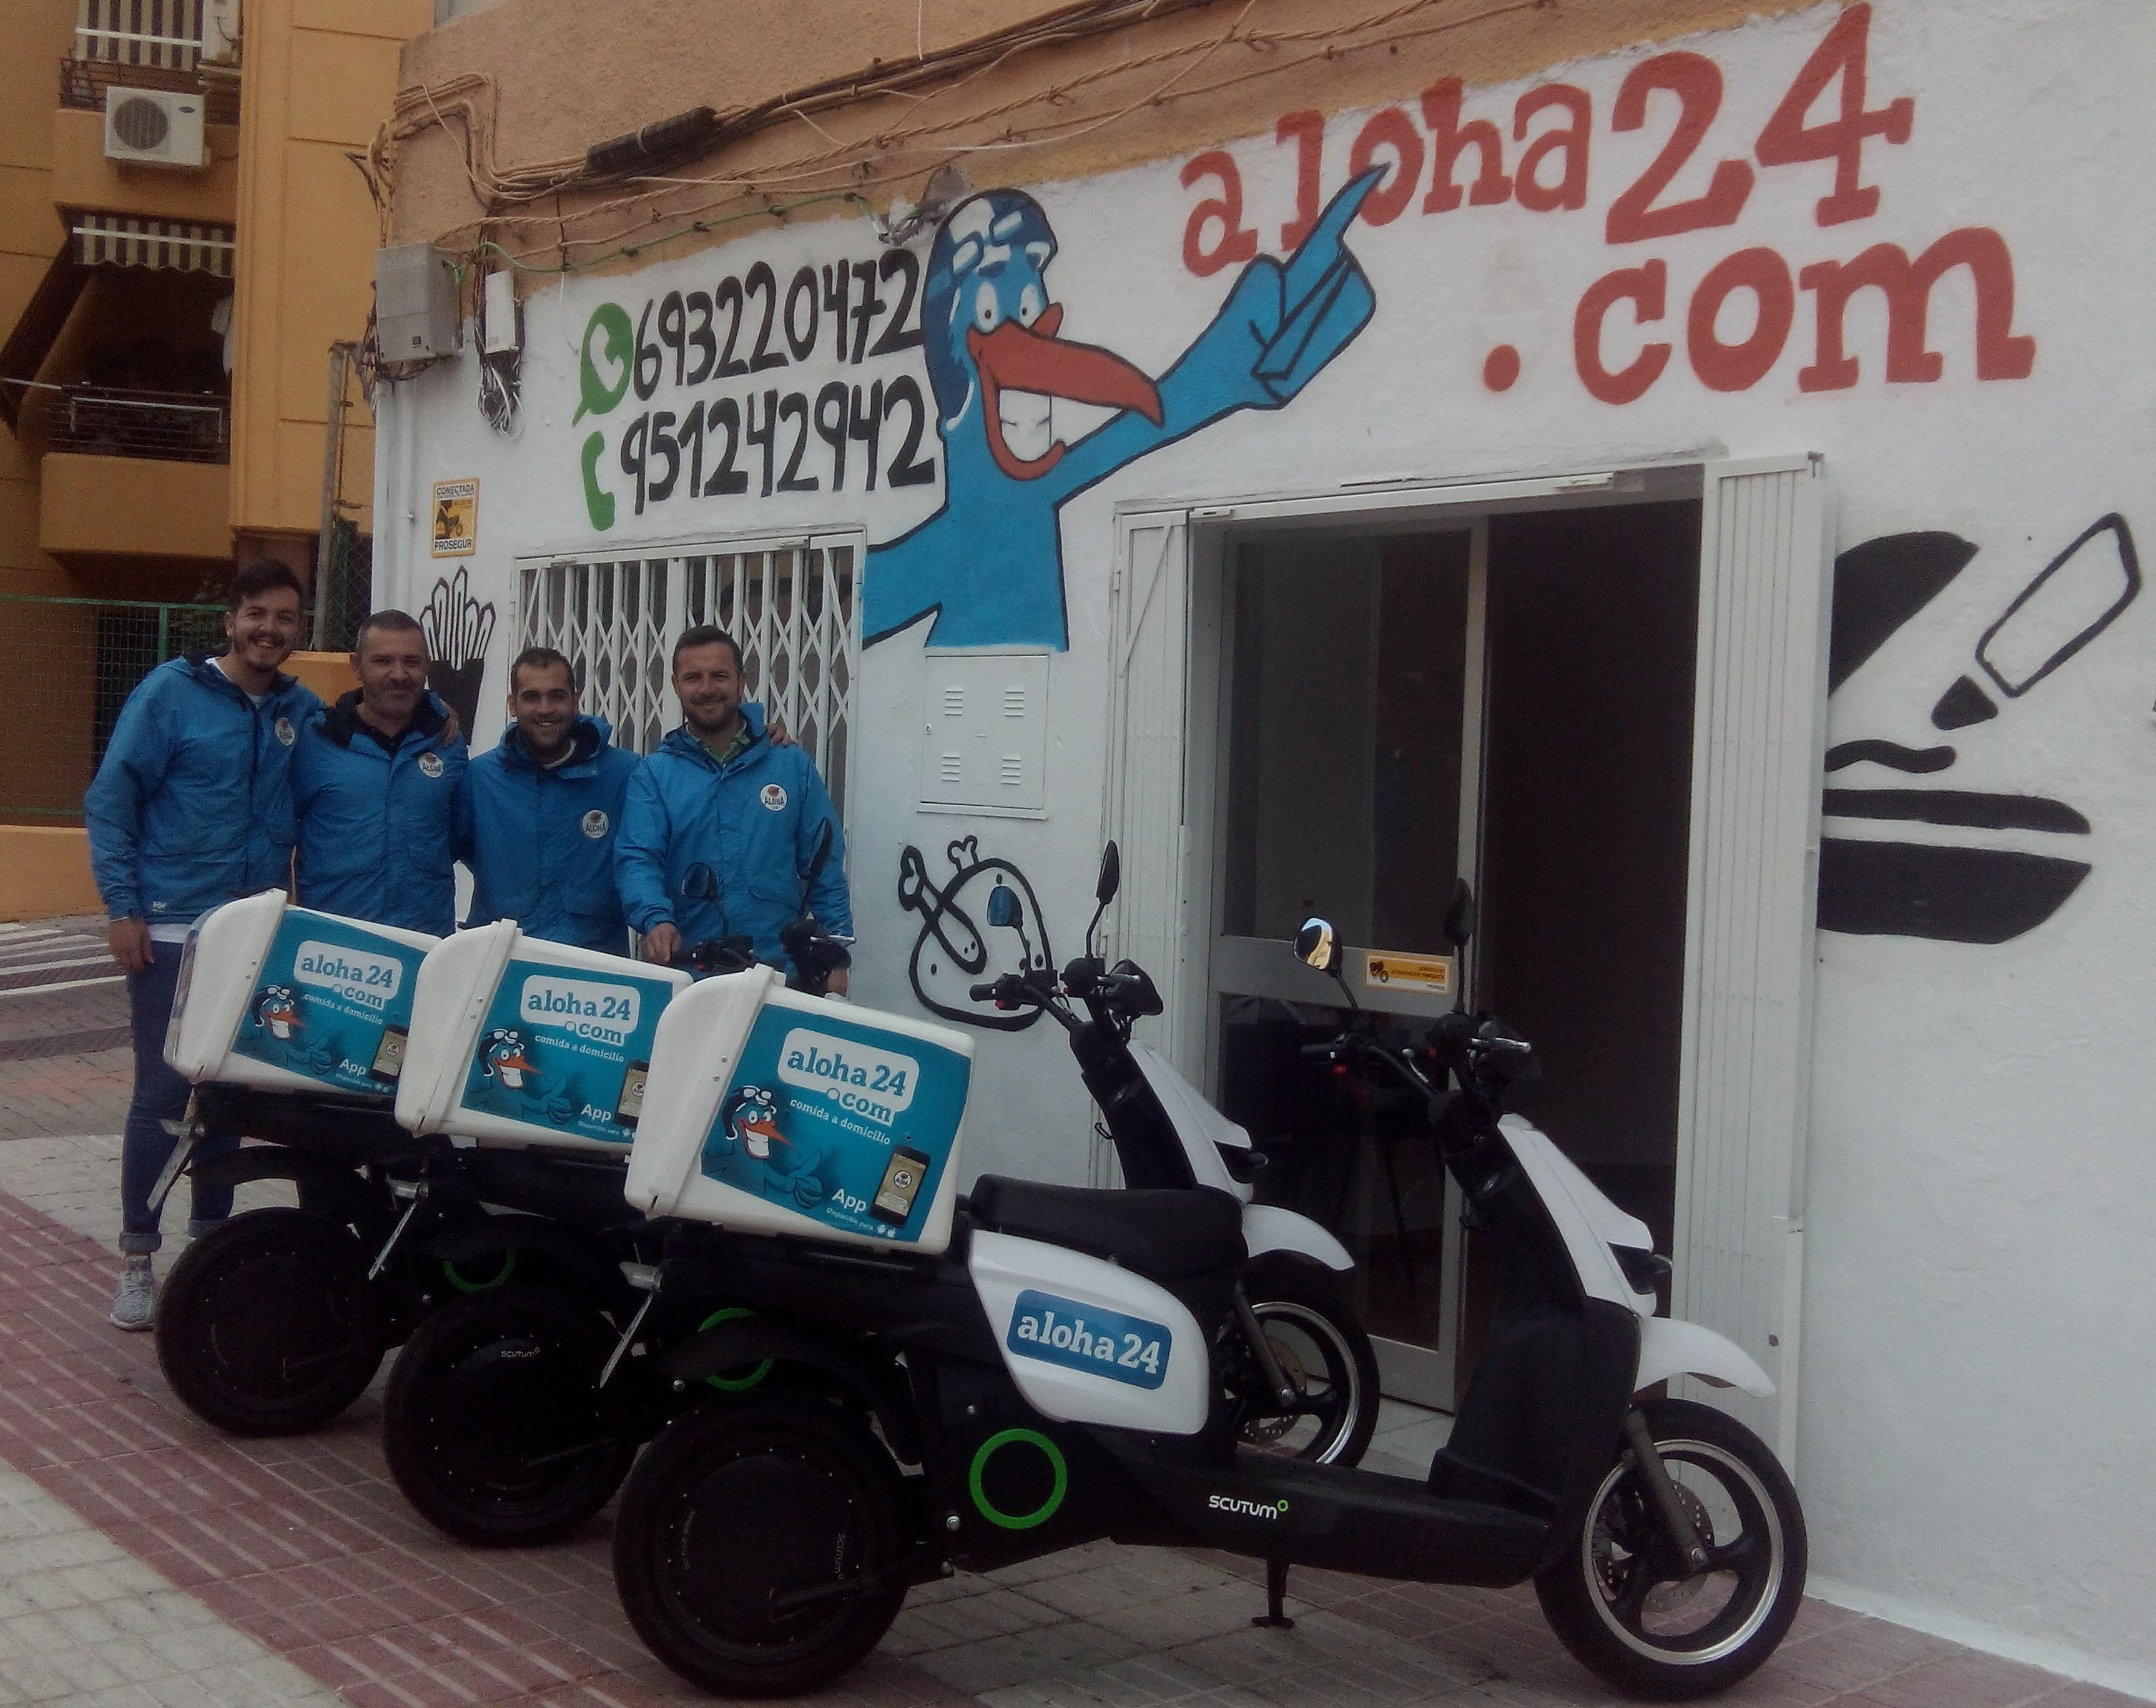 Aloha24 renueva su flota en Marbella con motos eléctricas